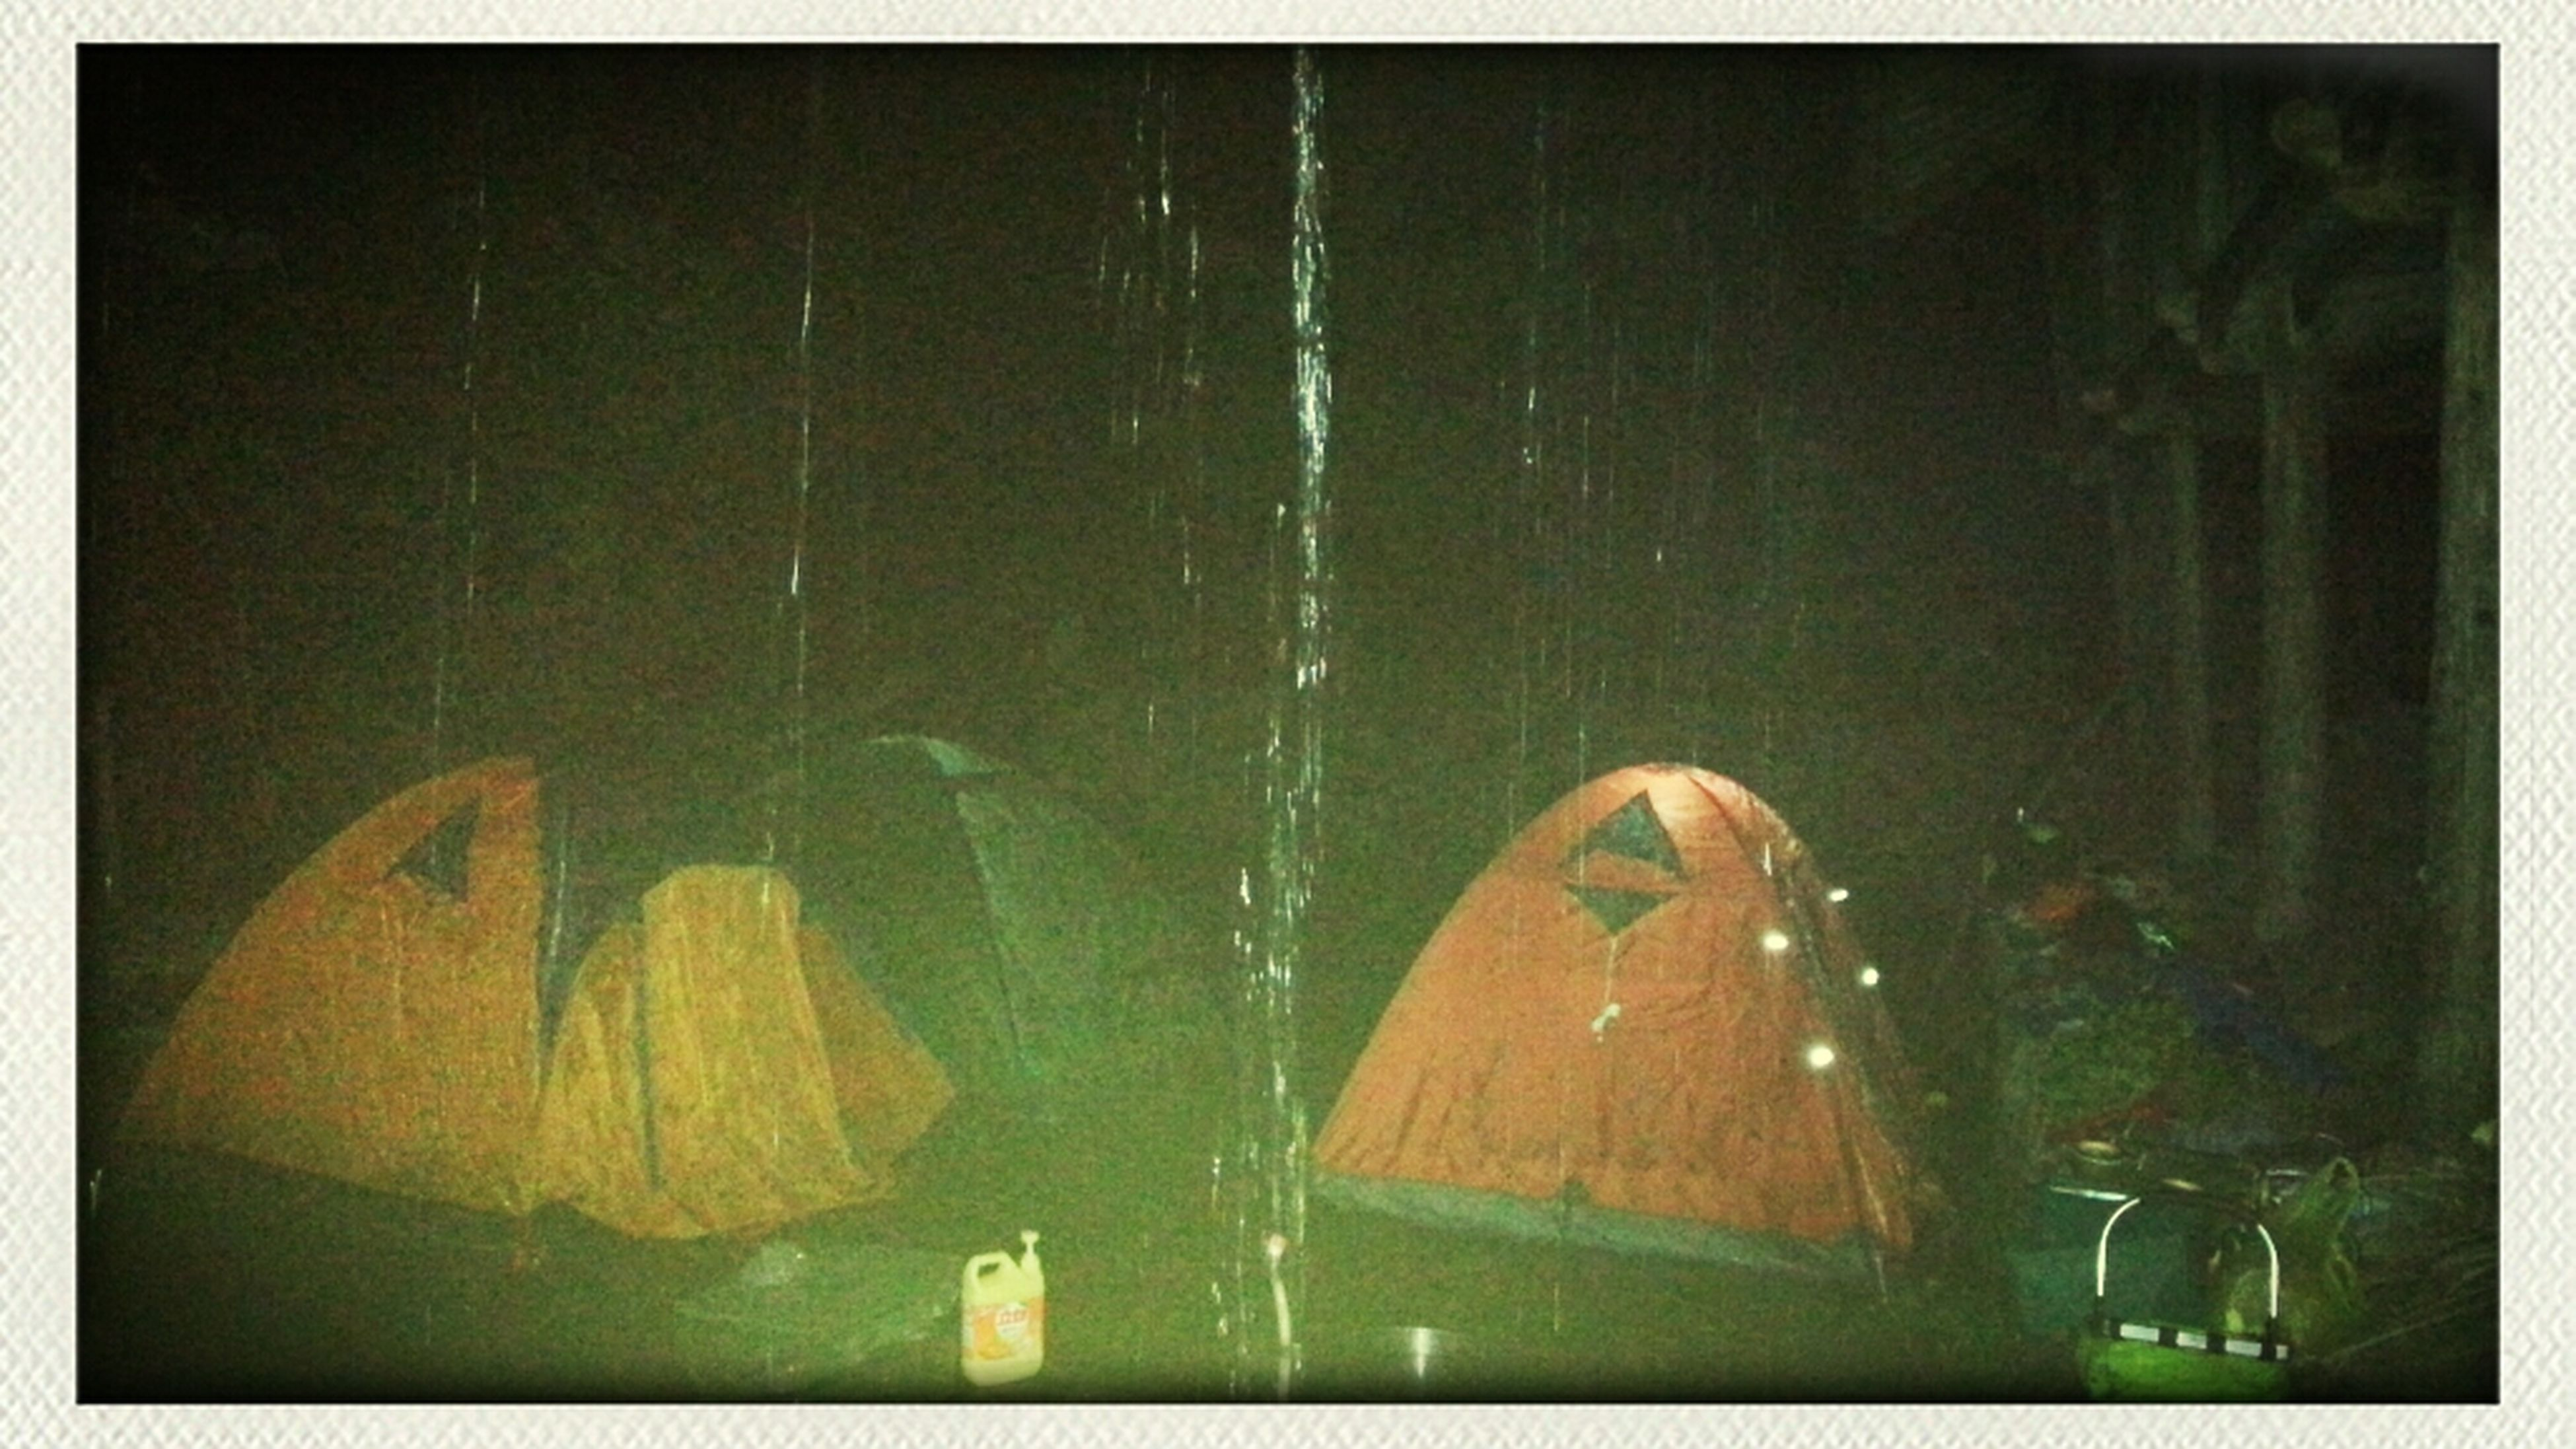 雨中的帐篷